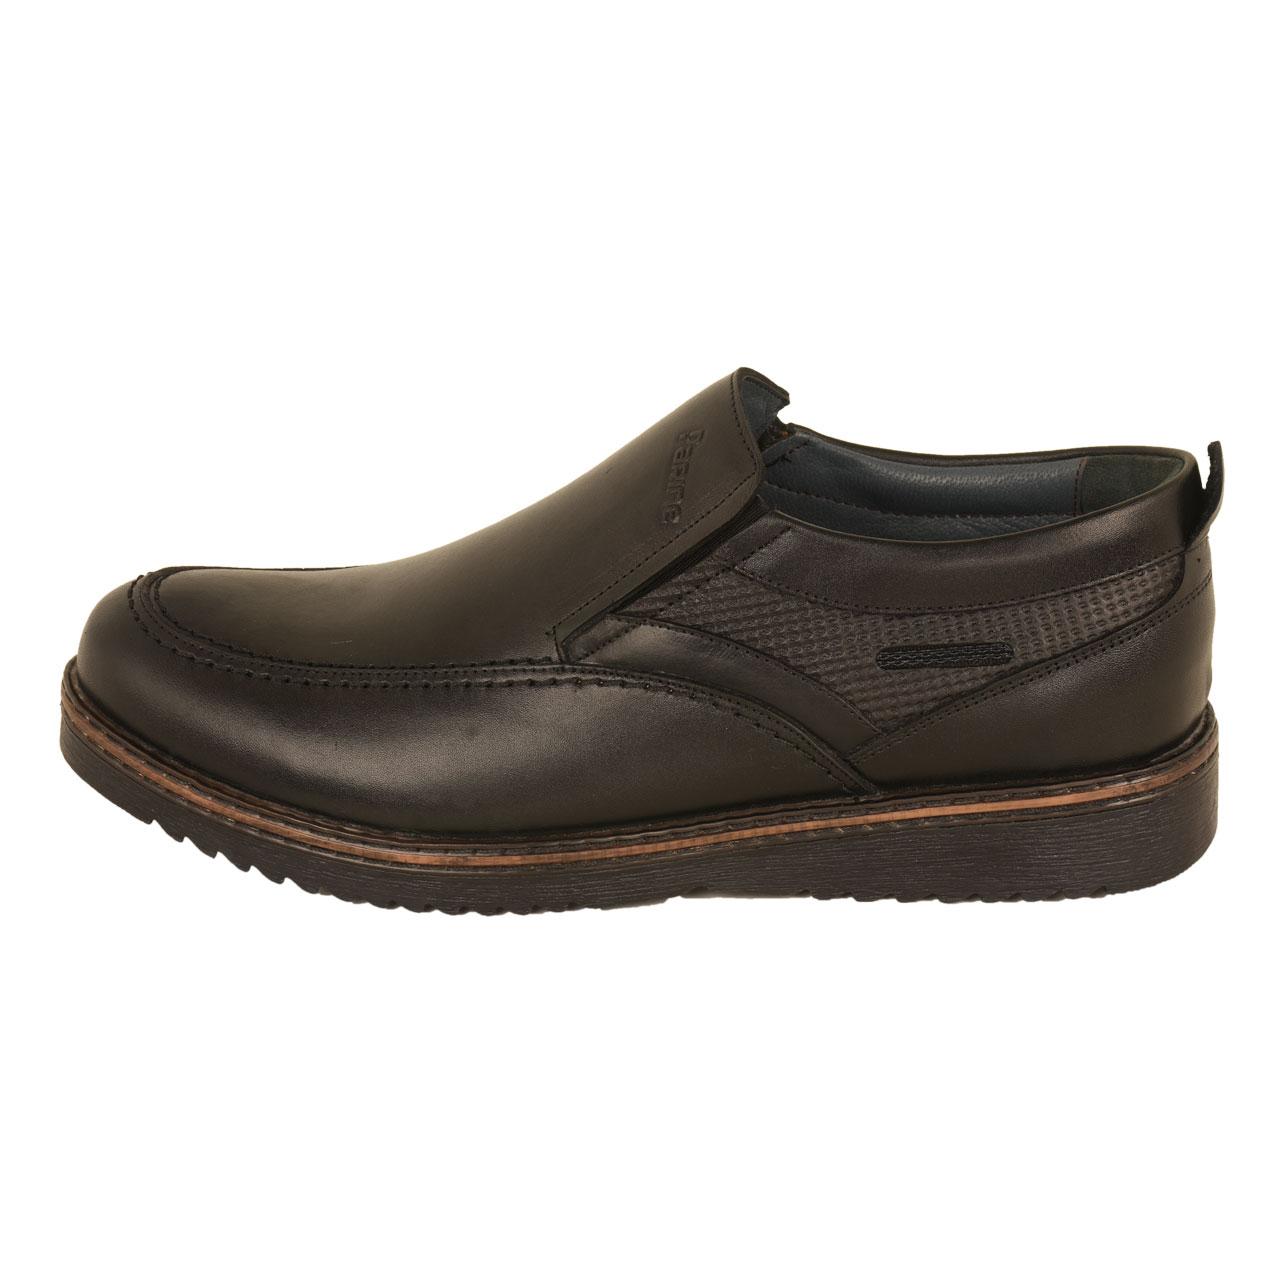 کفش مردانه پارینه مدل SHO146